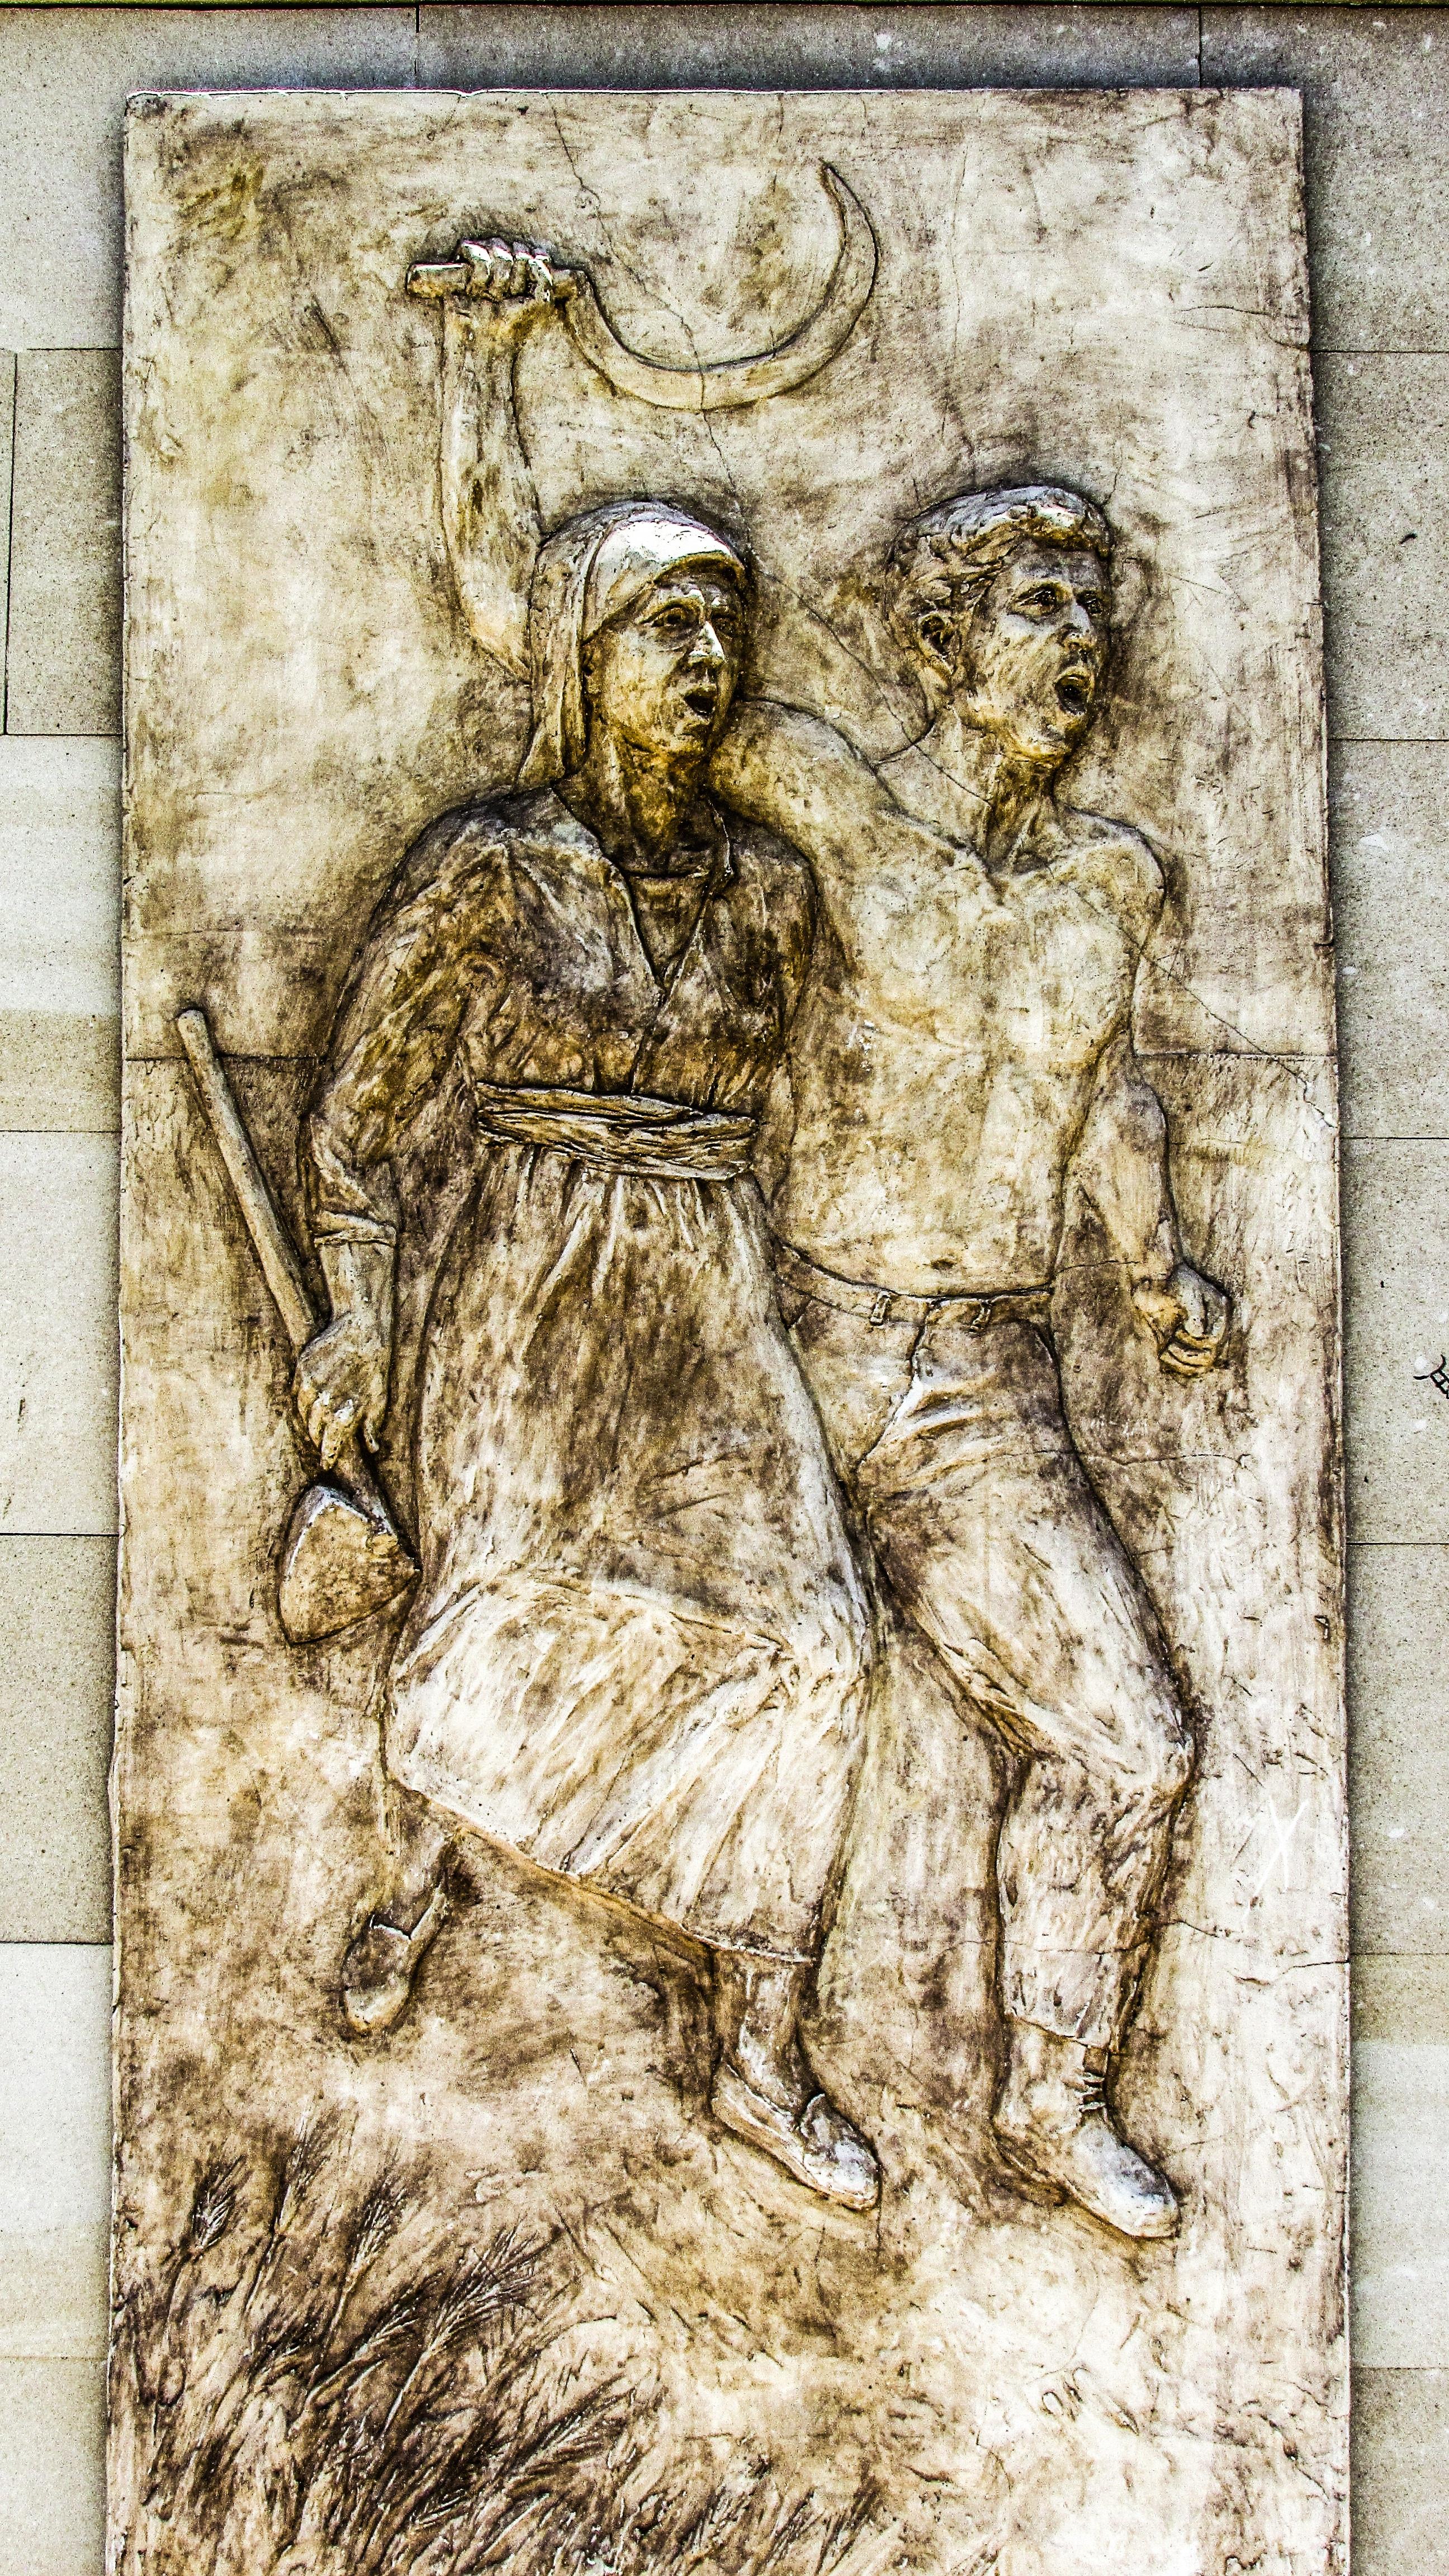 Gambar Monumen Patung Lukisan Sketsa Gambar Ukiran Bantuan